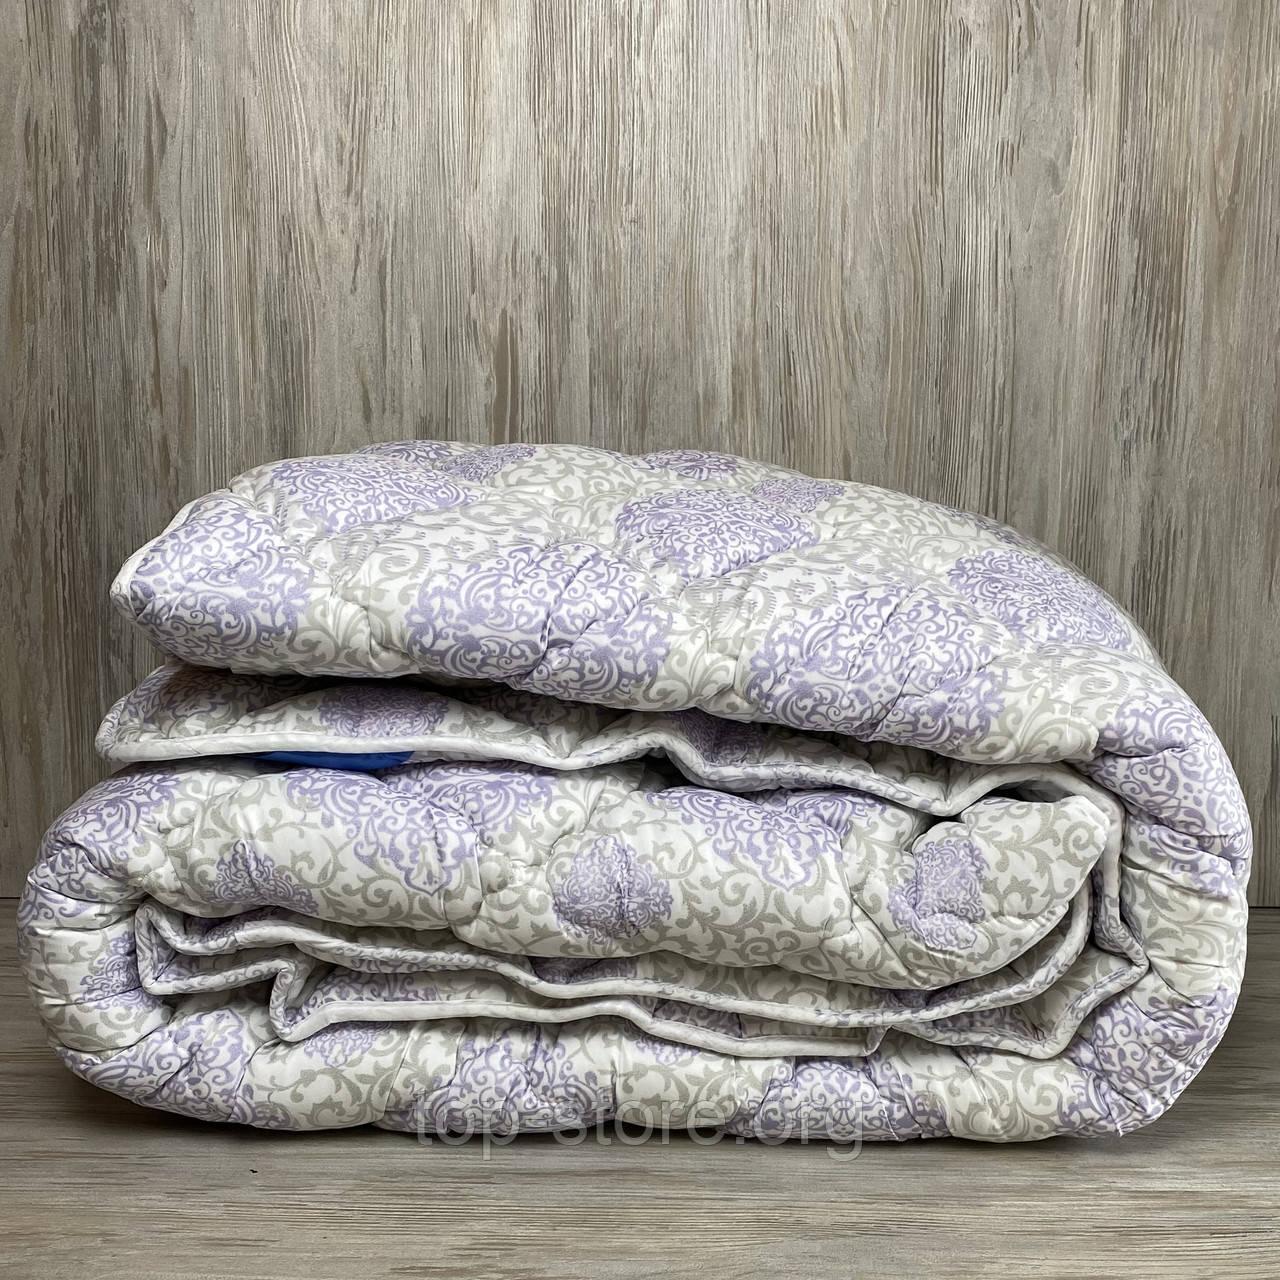 Одеяло на холлофайбере ОДА двуспального размера 175х210 Стеганное зимнее одеяло высокого качества